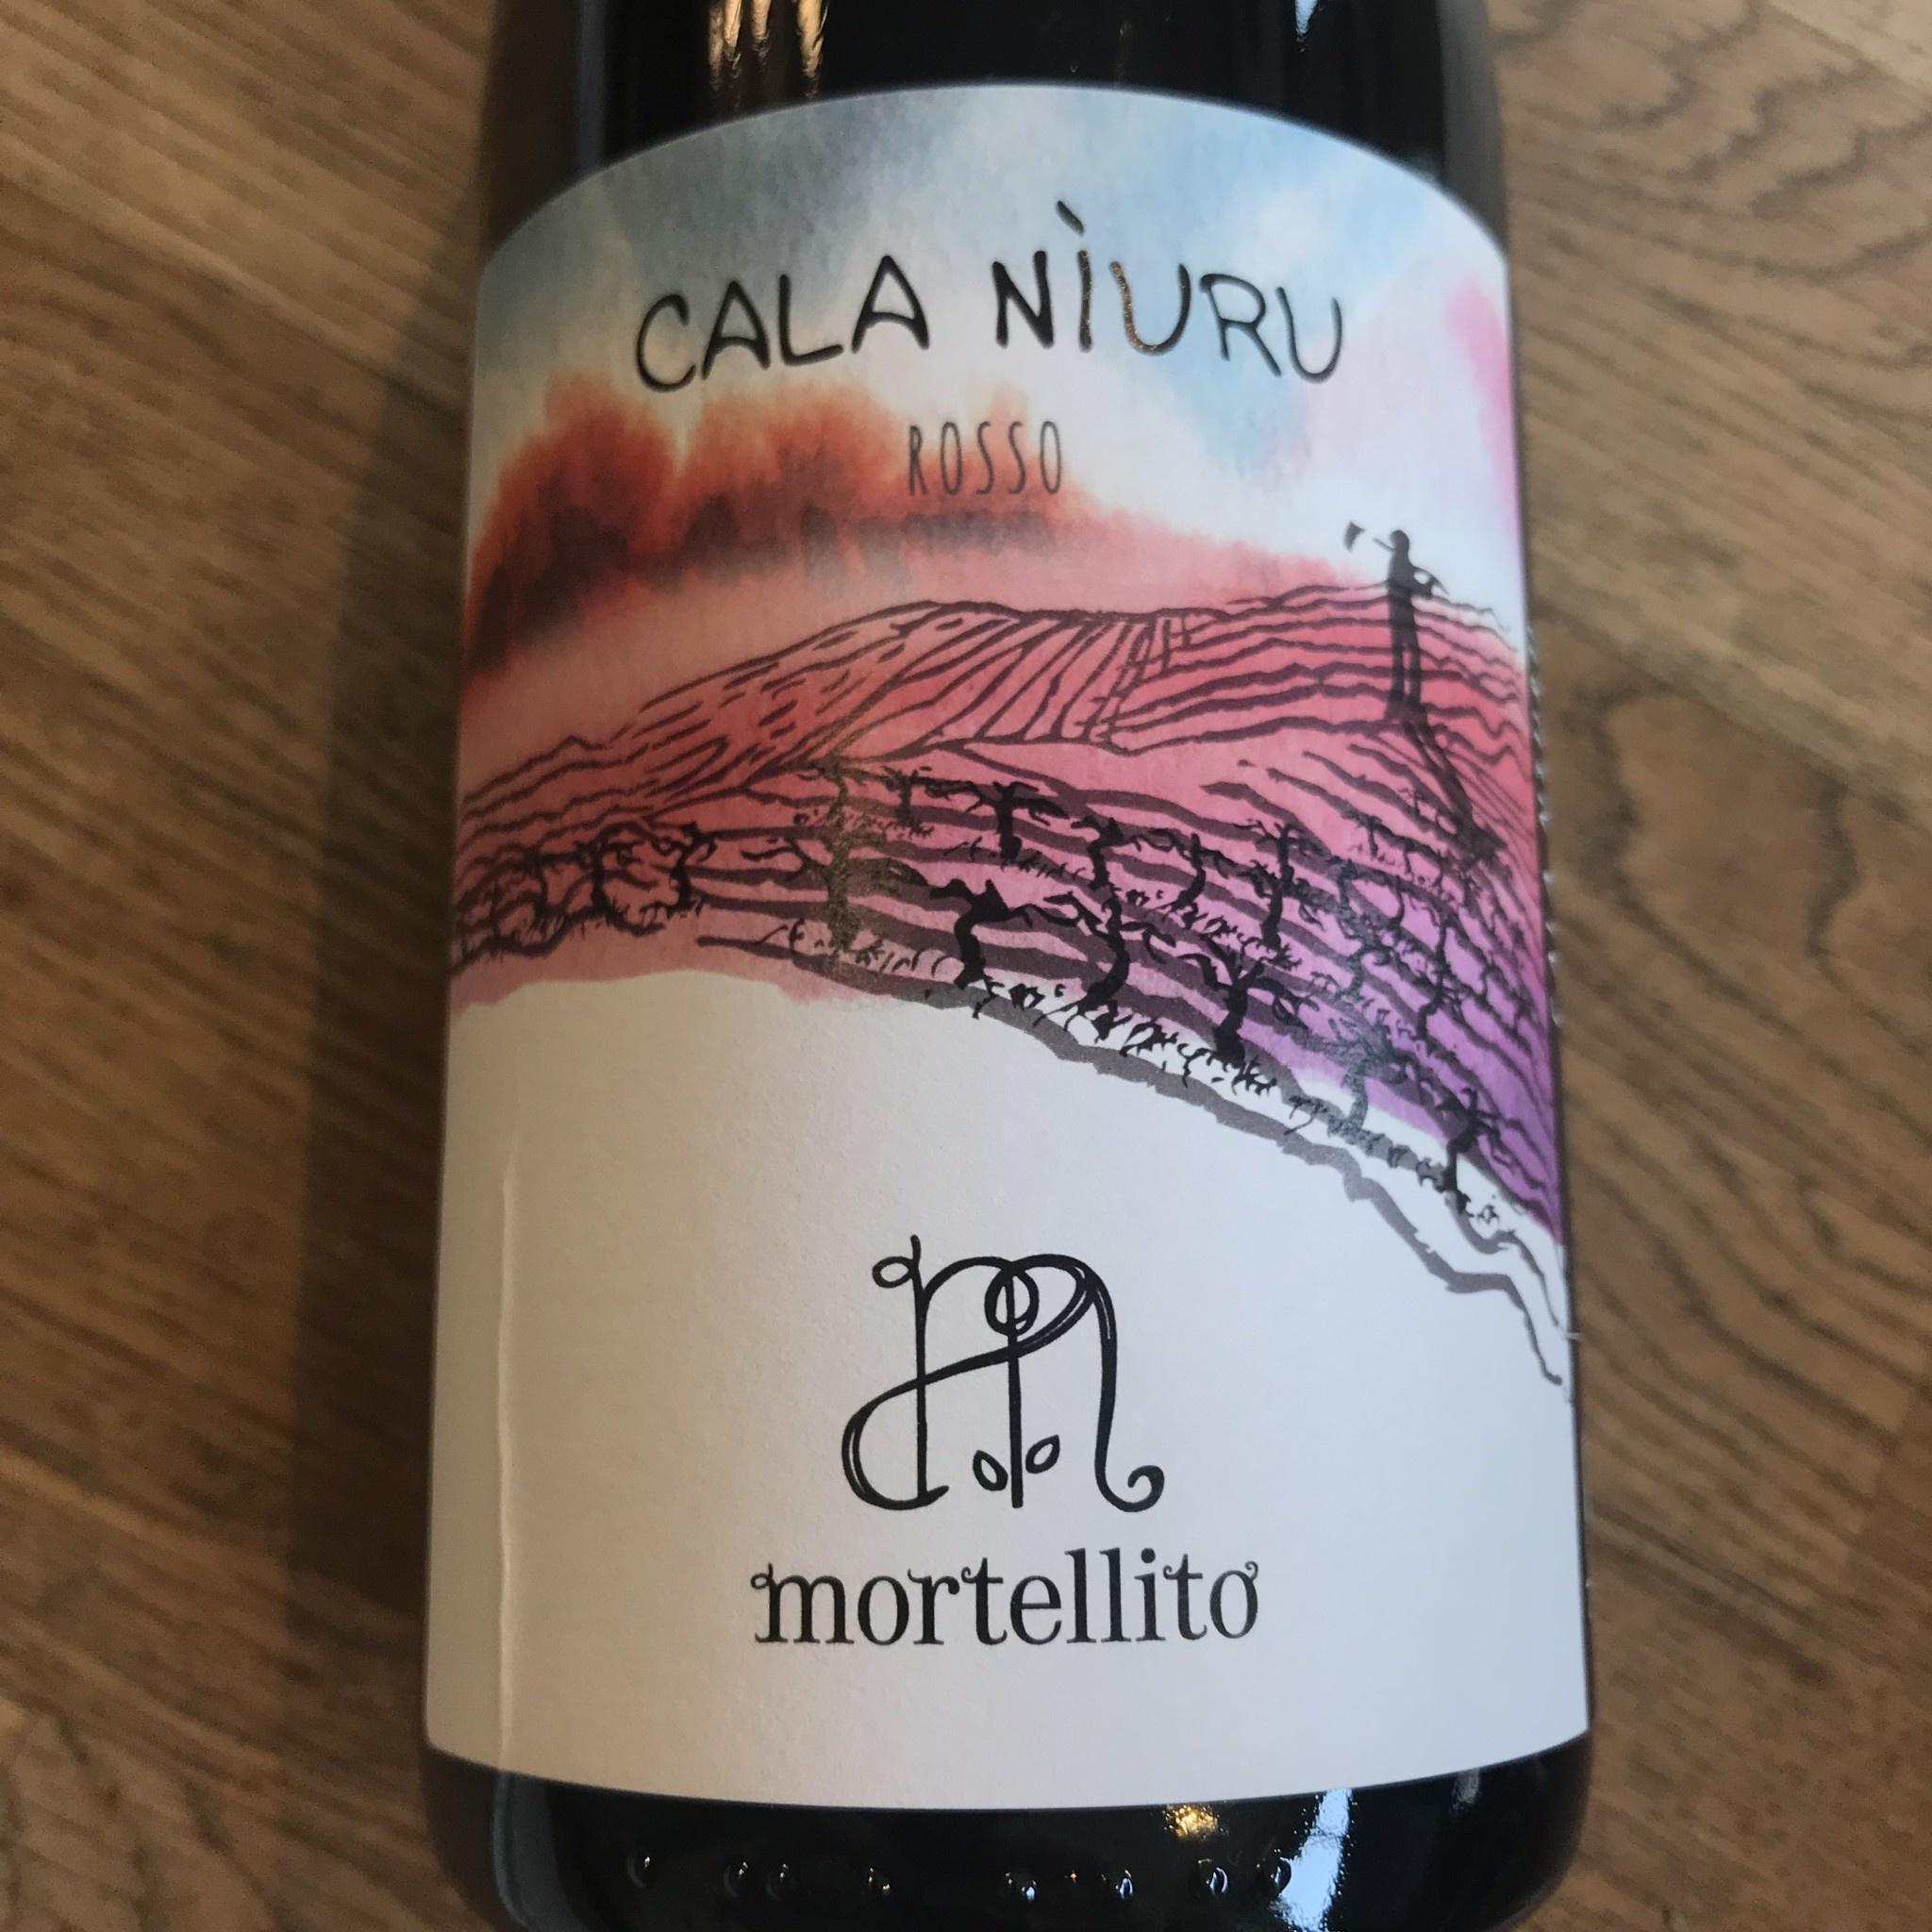 Italy 2020 Mortellito Calaniuru Rosso